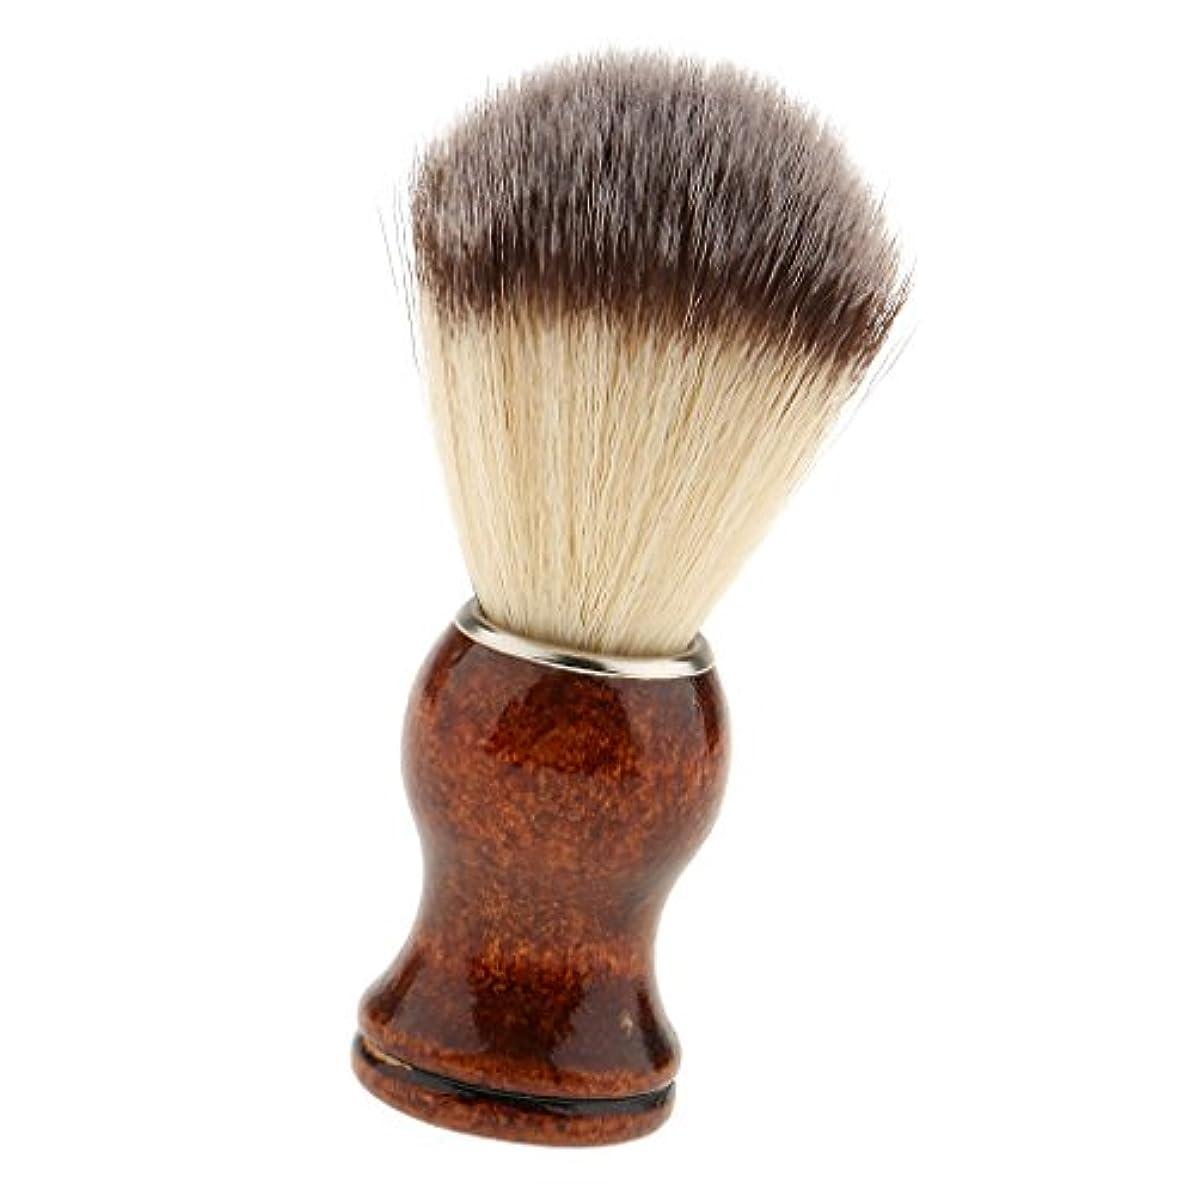 マインドフルガイダンス憂慮すべきFenteer サロン ひげブラシ シェービングブラシ メンズ用 ナイロン  理髪用  快適 首/顔 散髪整理 泡たてやすい